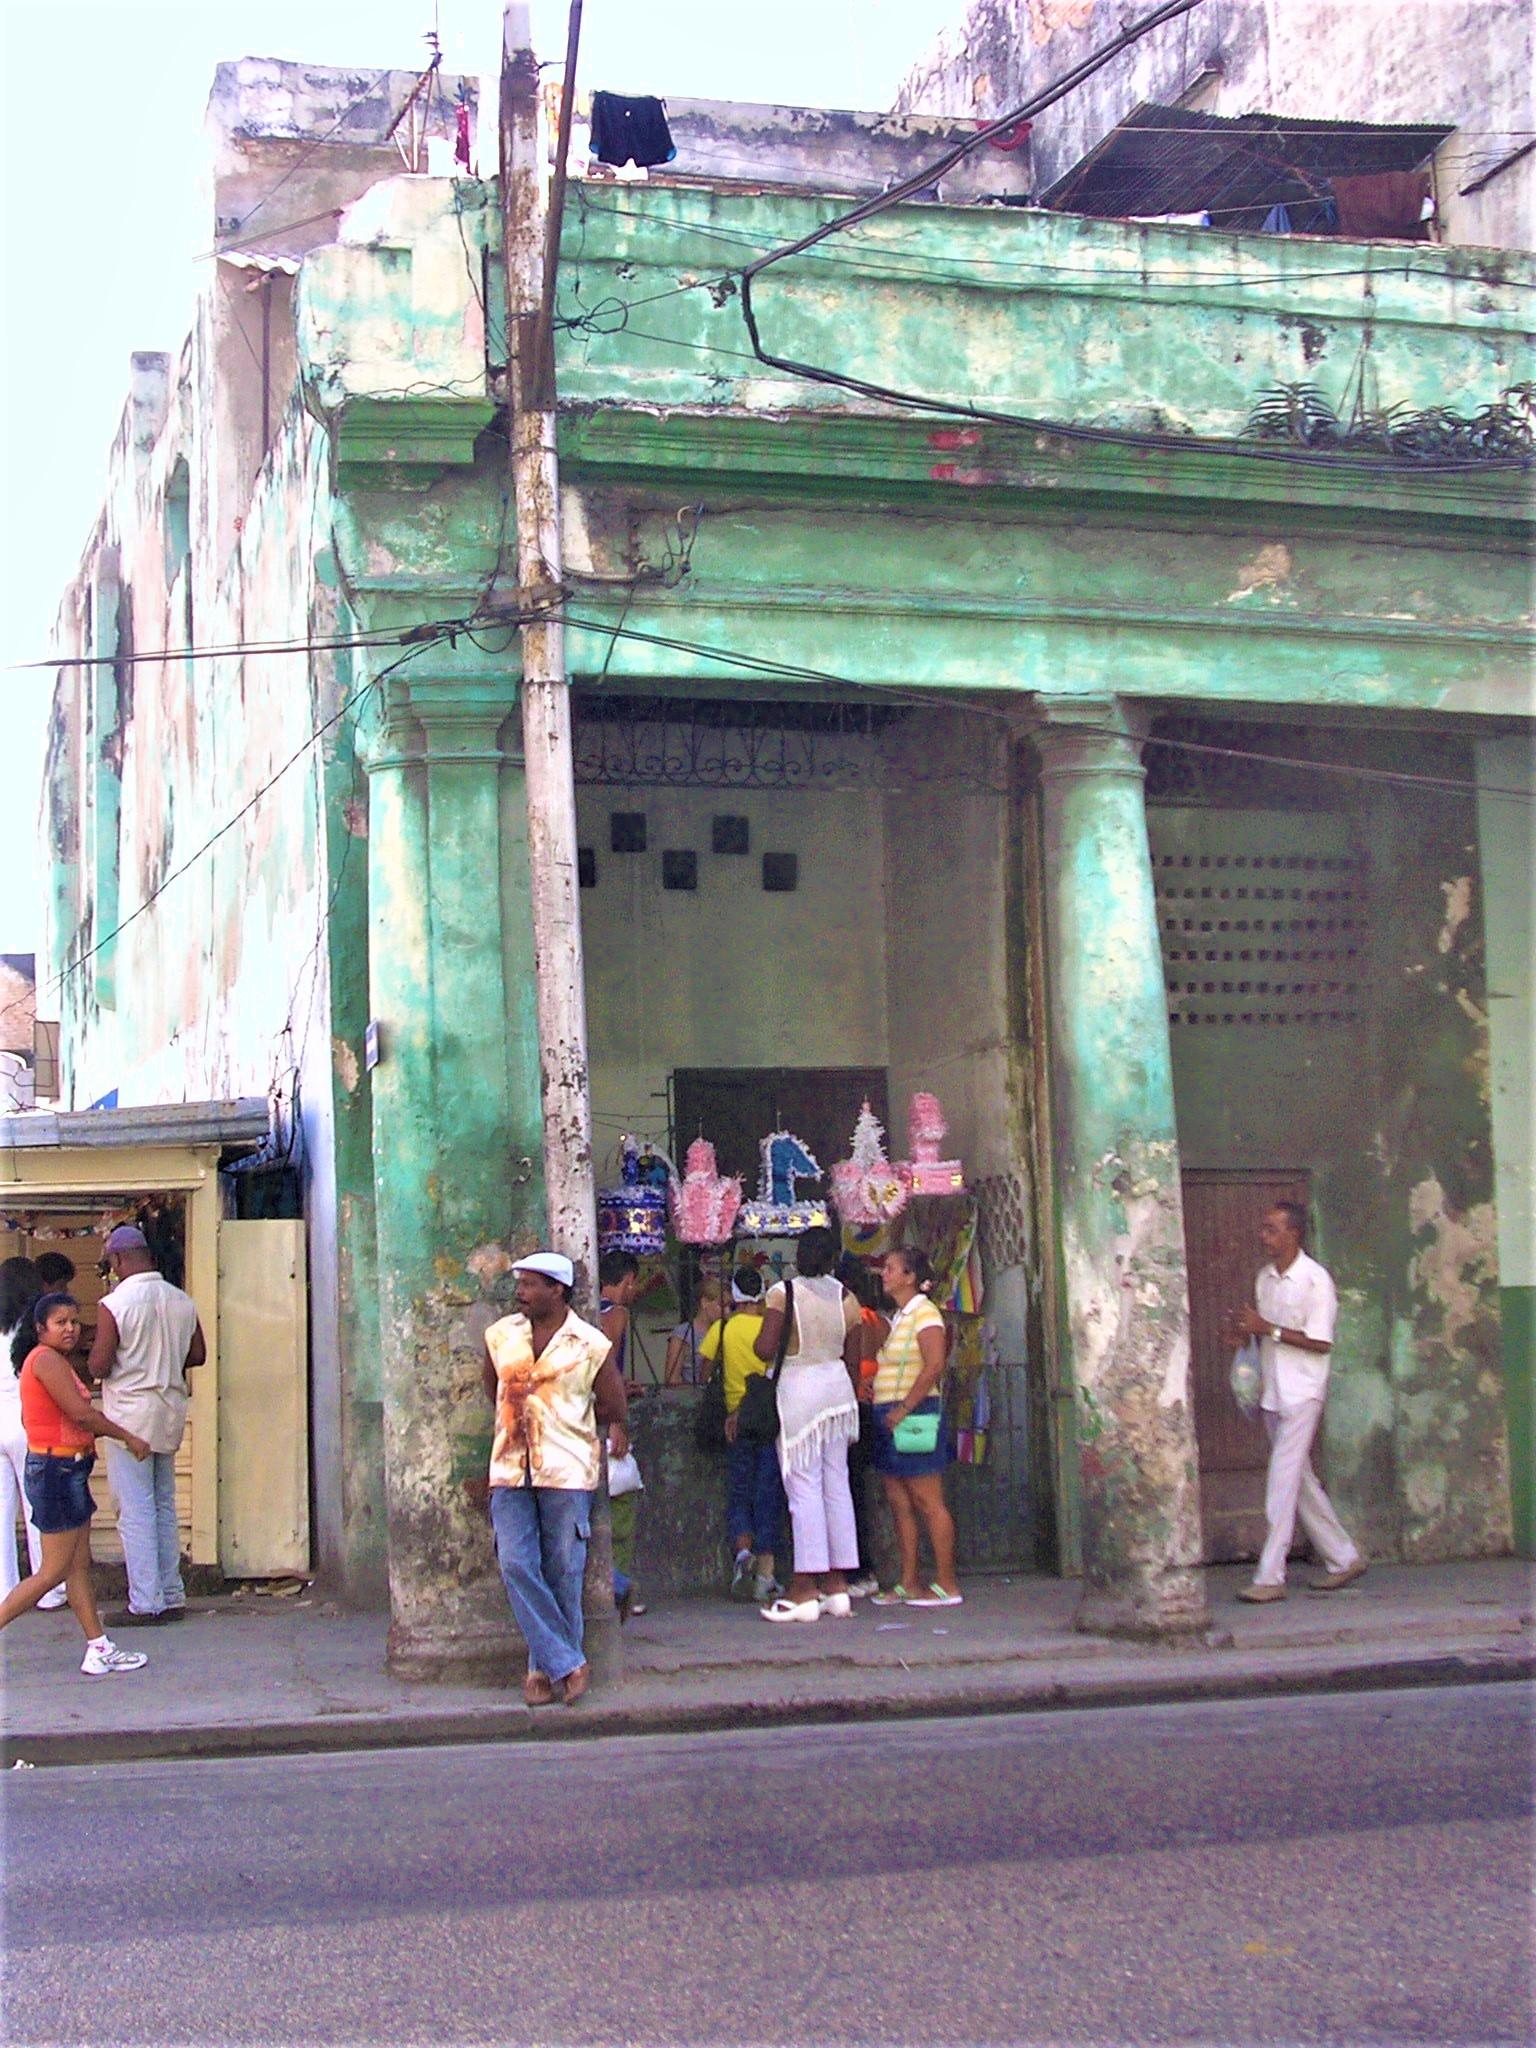 empresas privadas la solución en Cuba